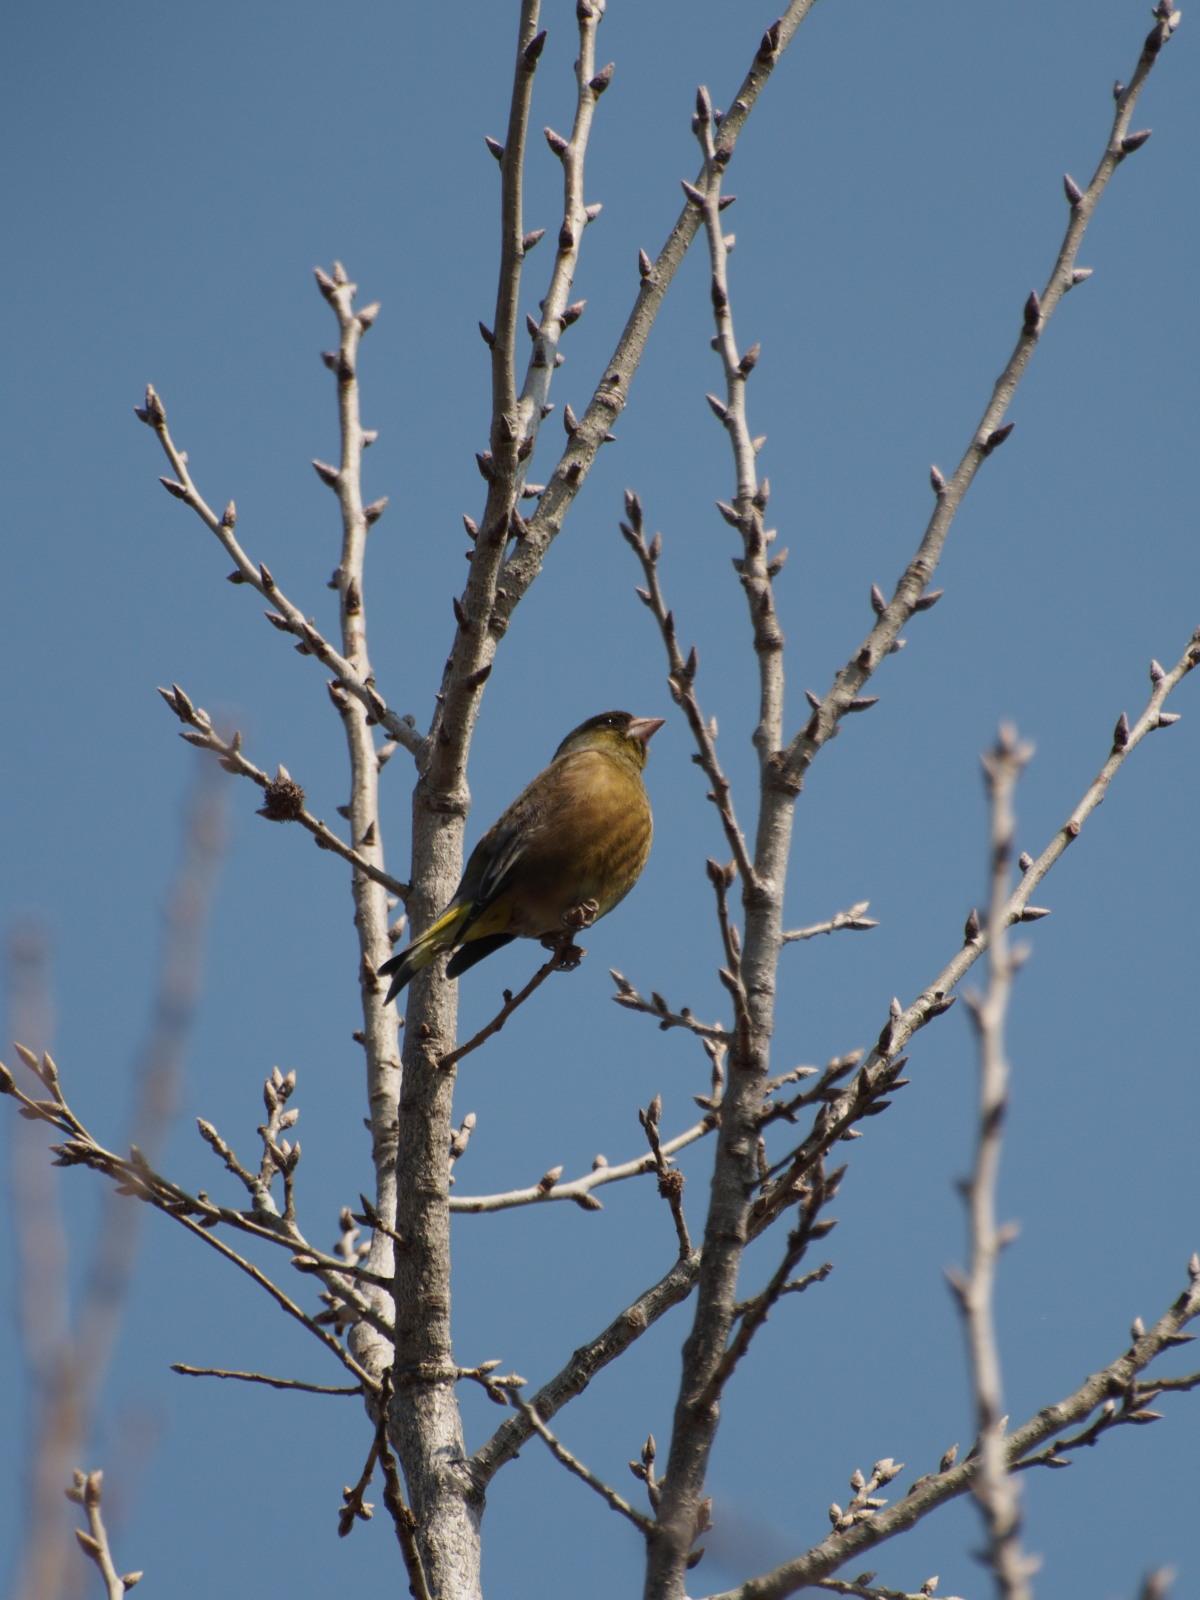 2014年3月17日 カワラヒワ/河原鶸/Oriental Greenfinch_f0108797_16065150.jpg